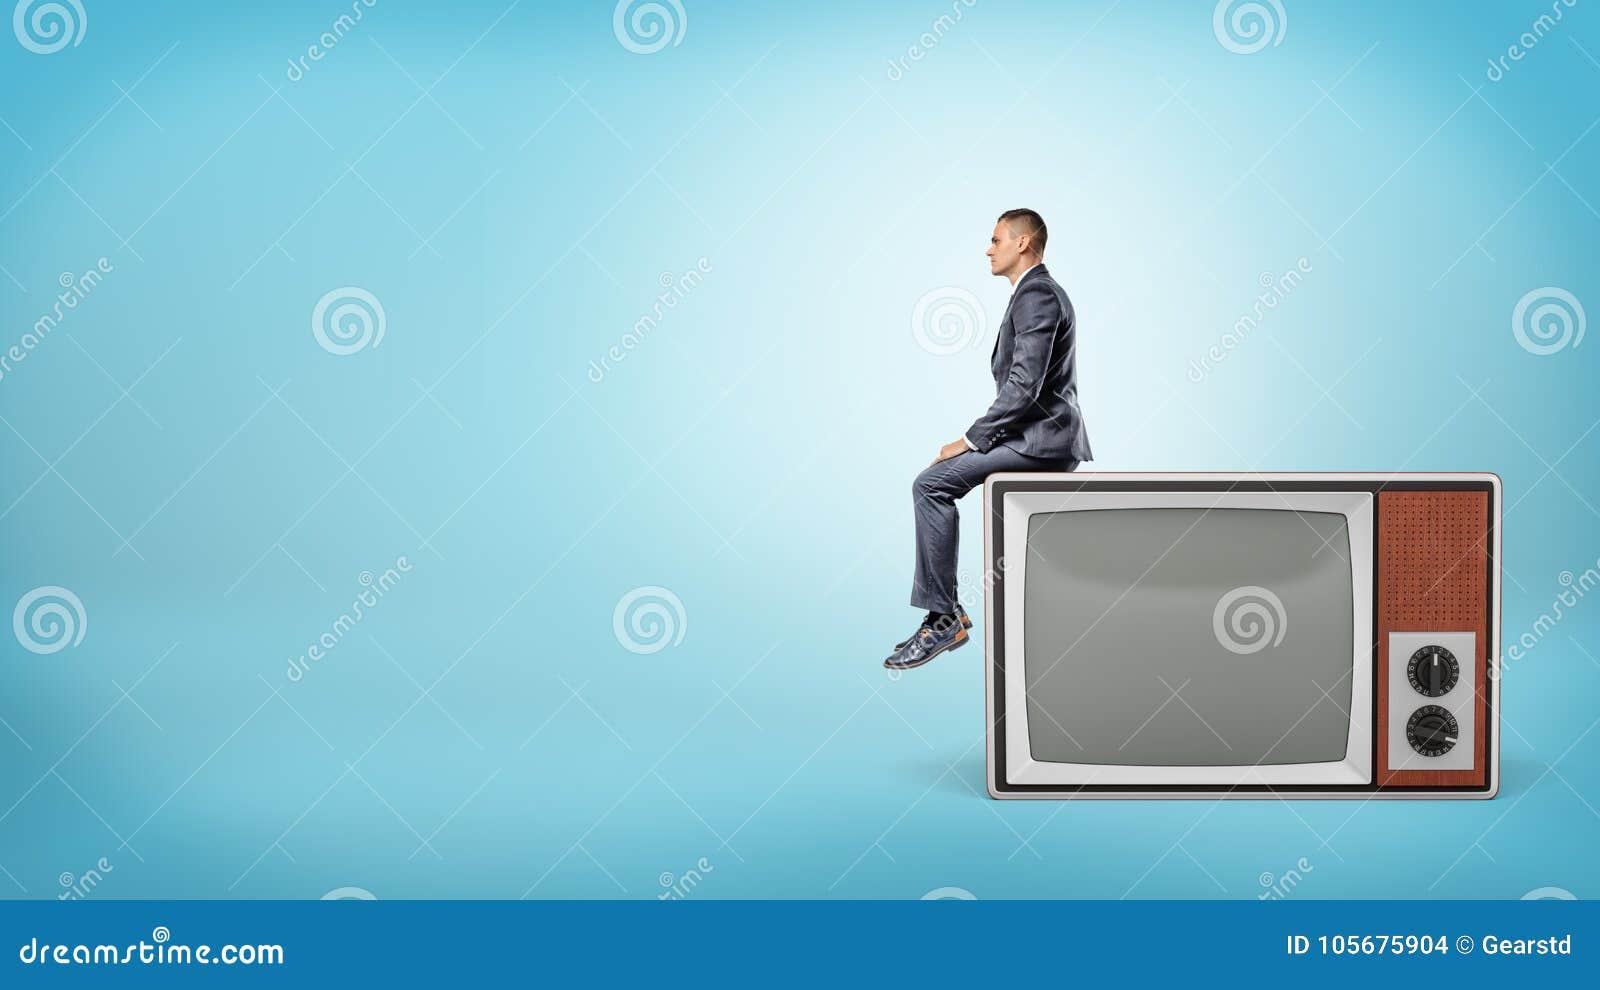 Un pequeño hombre de negocios se sienta en vista lateral en un aparato de TV retro gigante con la pantalla en blanco